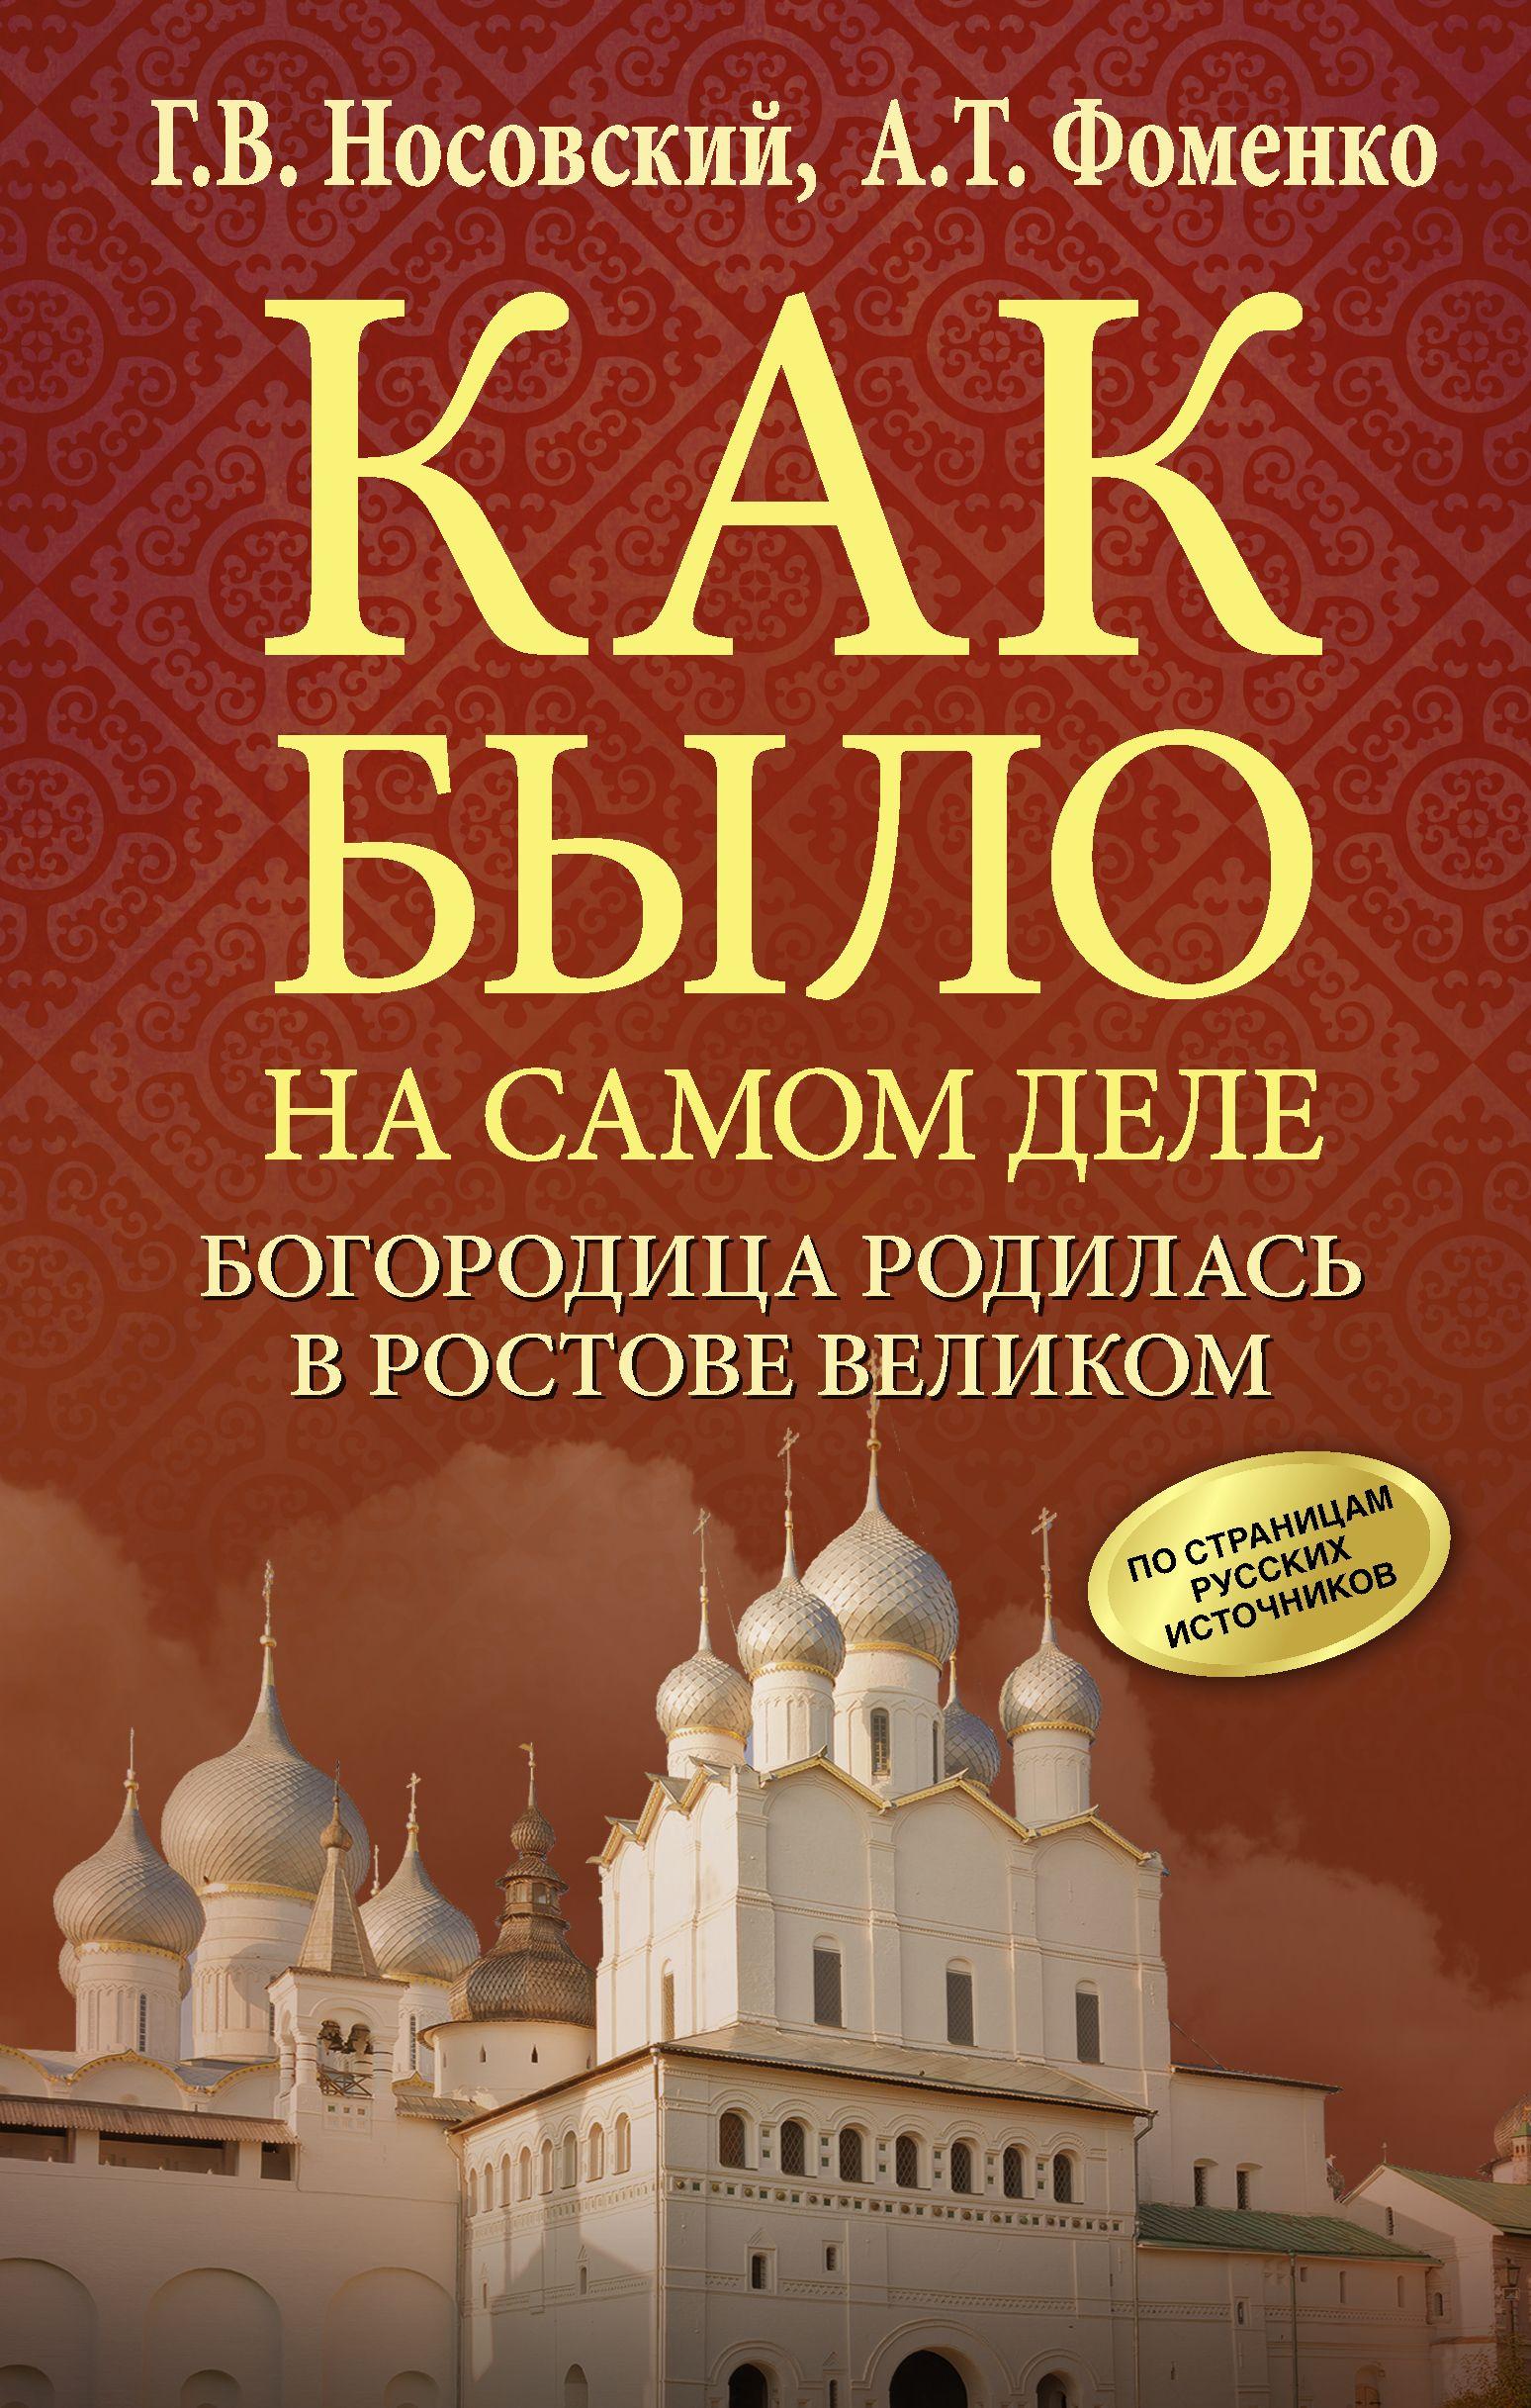 Купить книгу Богородица родилась в Ростове Великом, автора Глеба Носовского